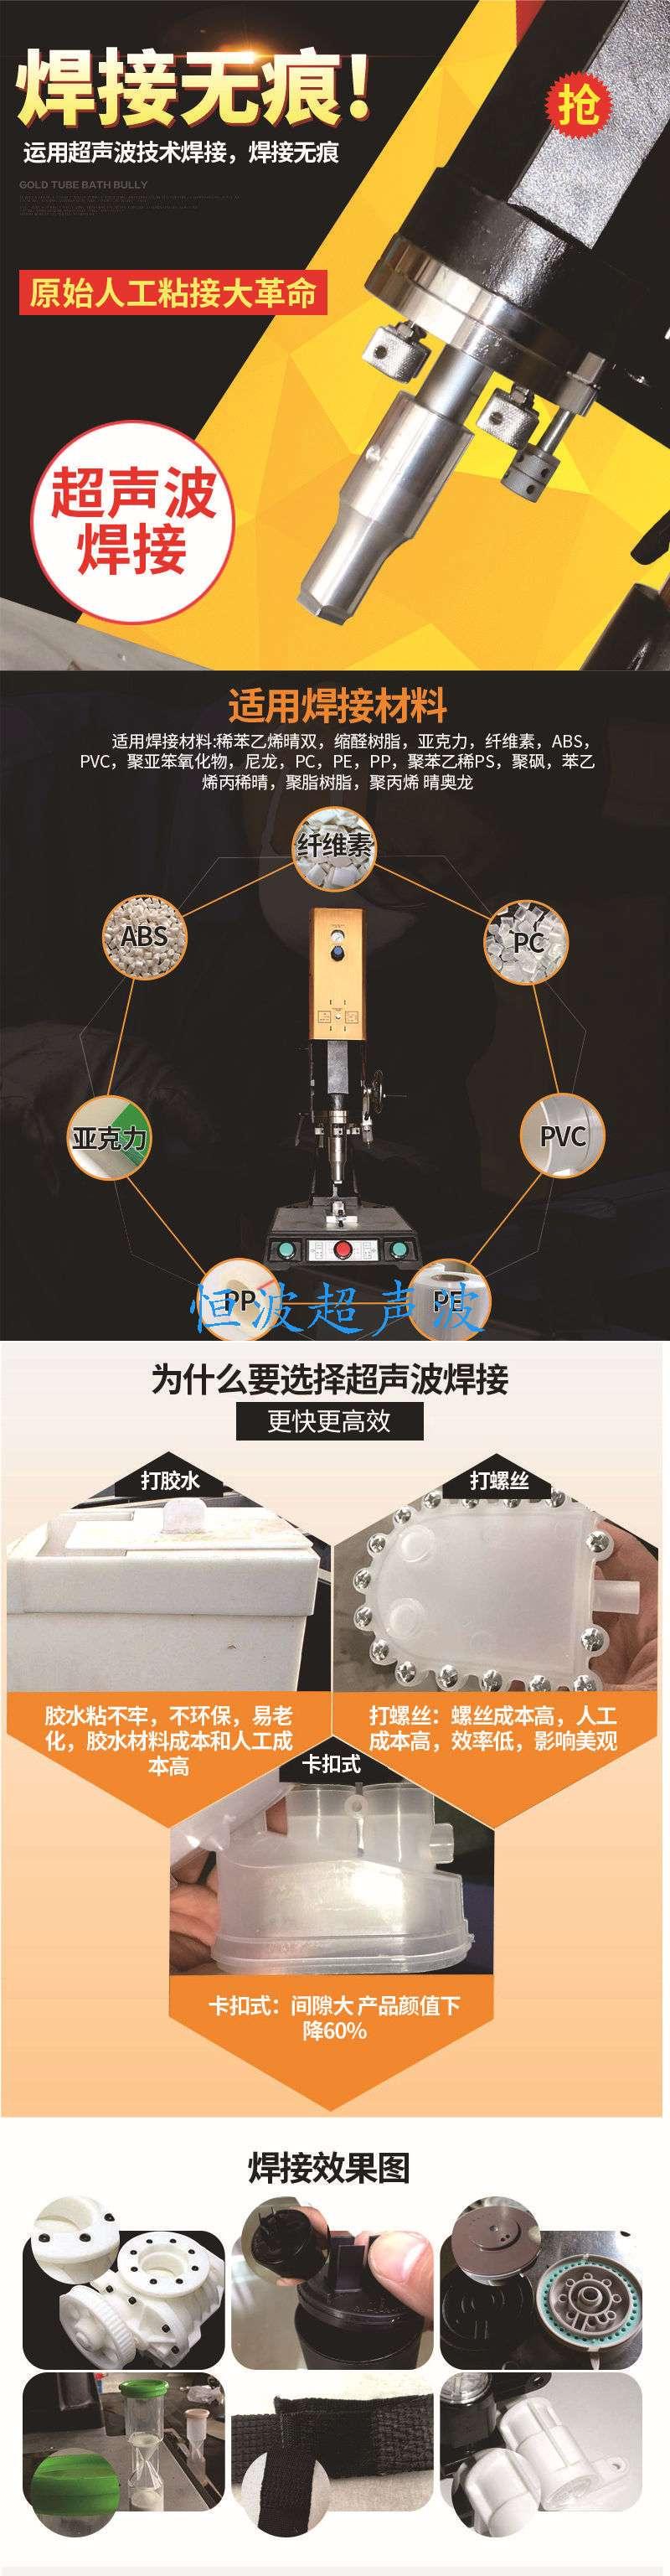 哪些塑料能够进行超声波焊接